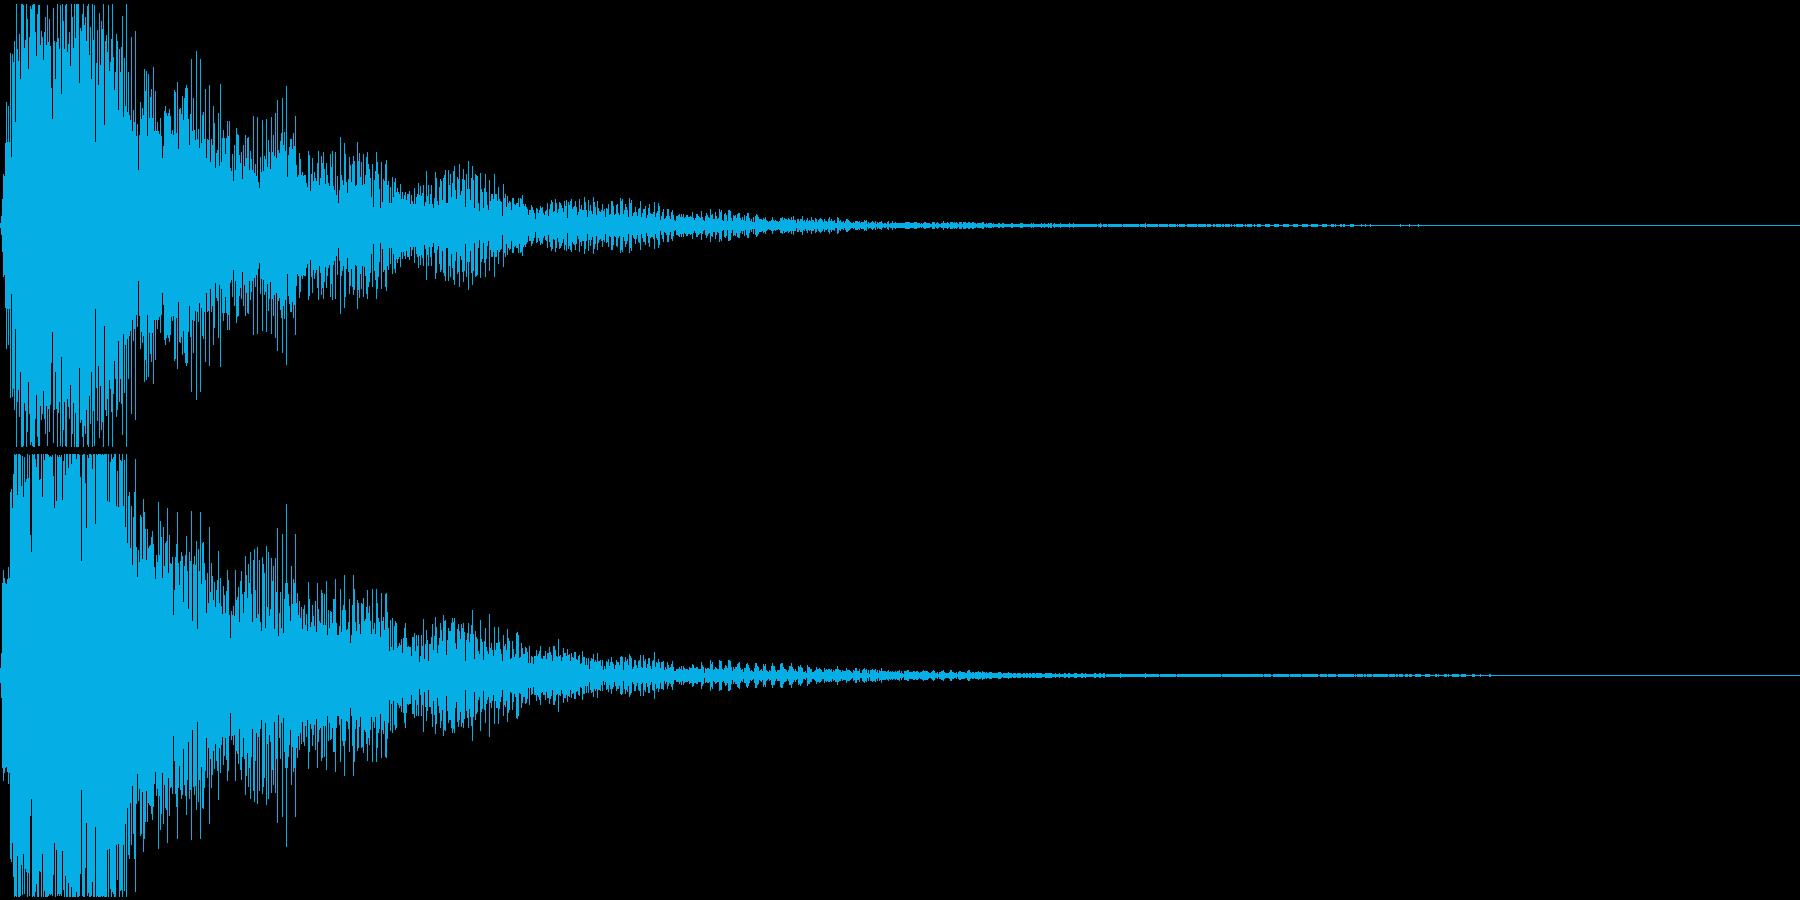 ラ♯/シ♭単音のオーケストラルヒットの再生済みの波形